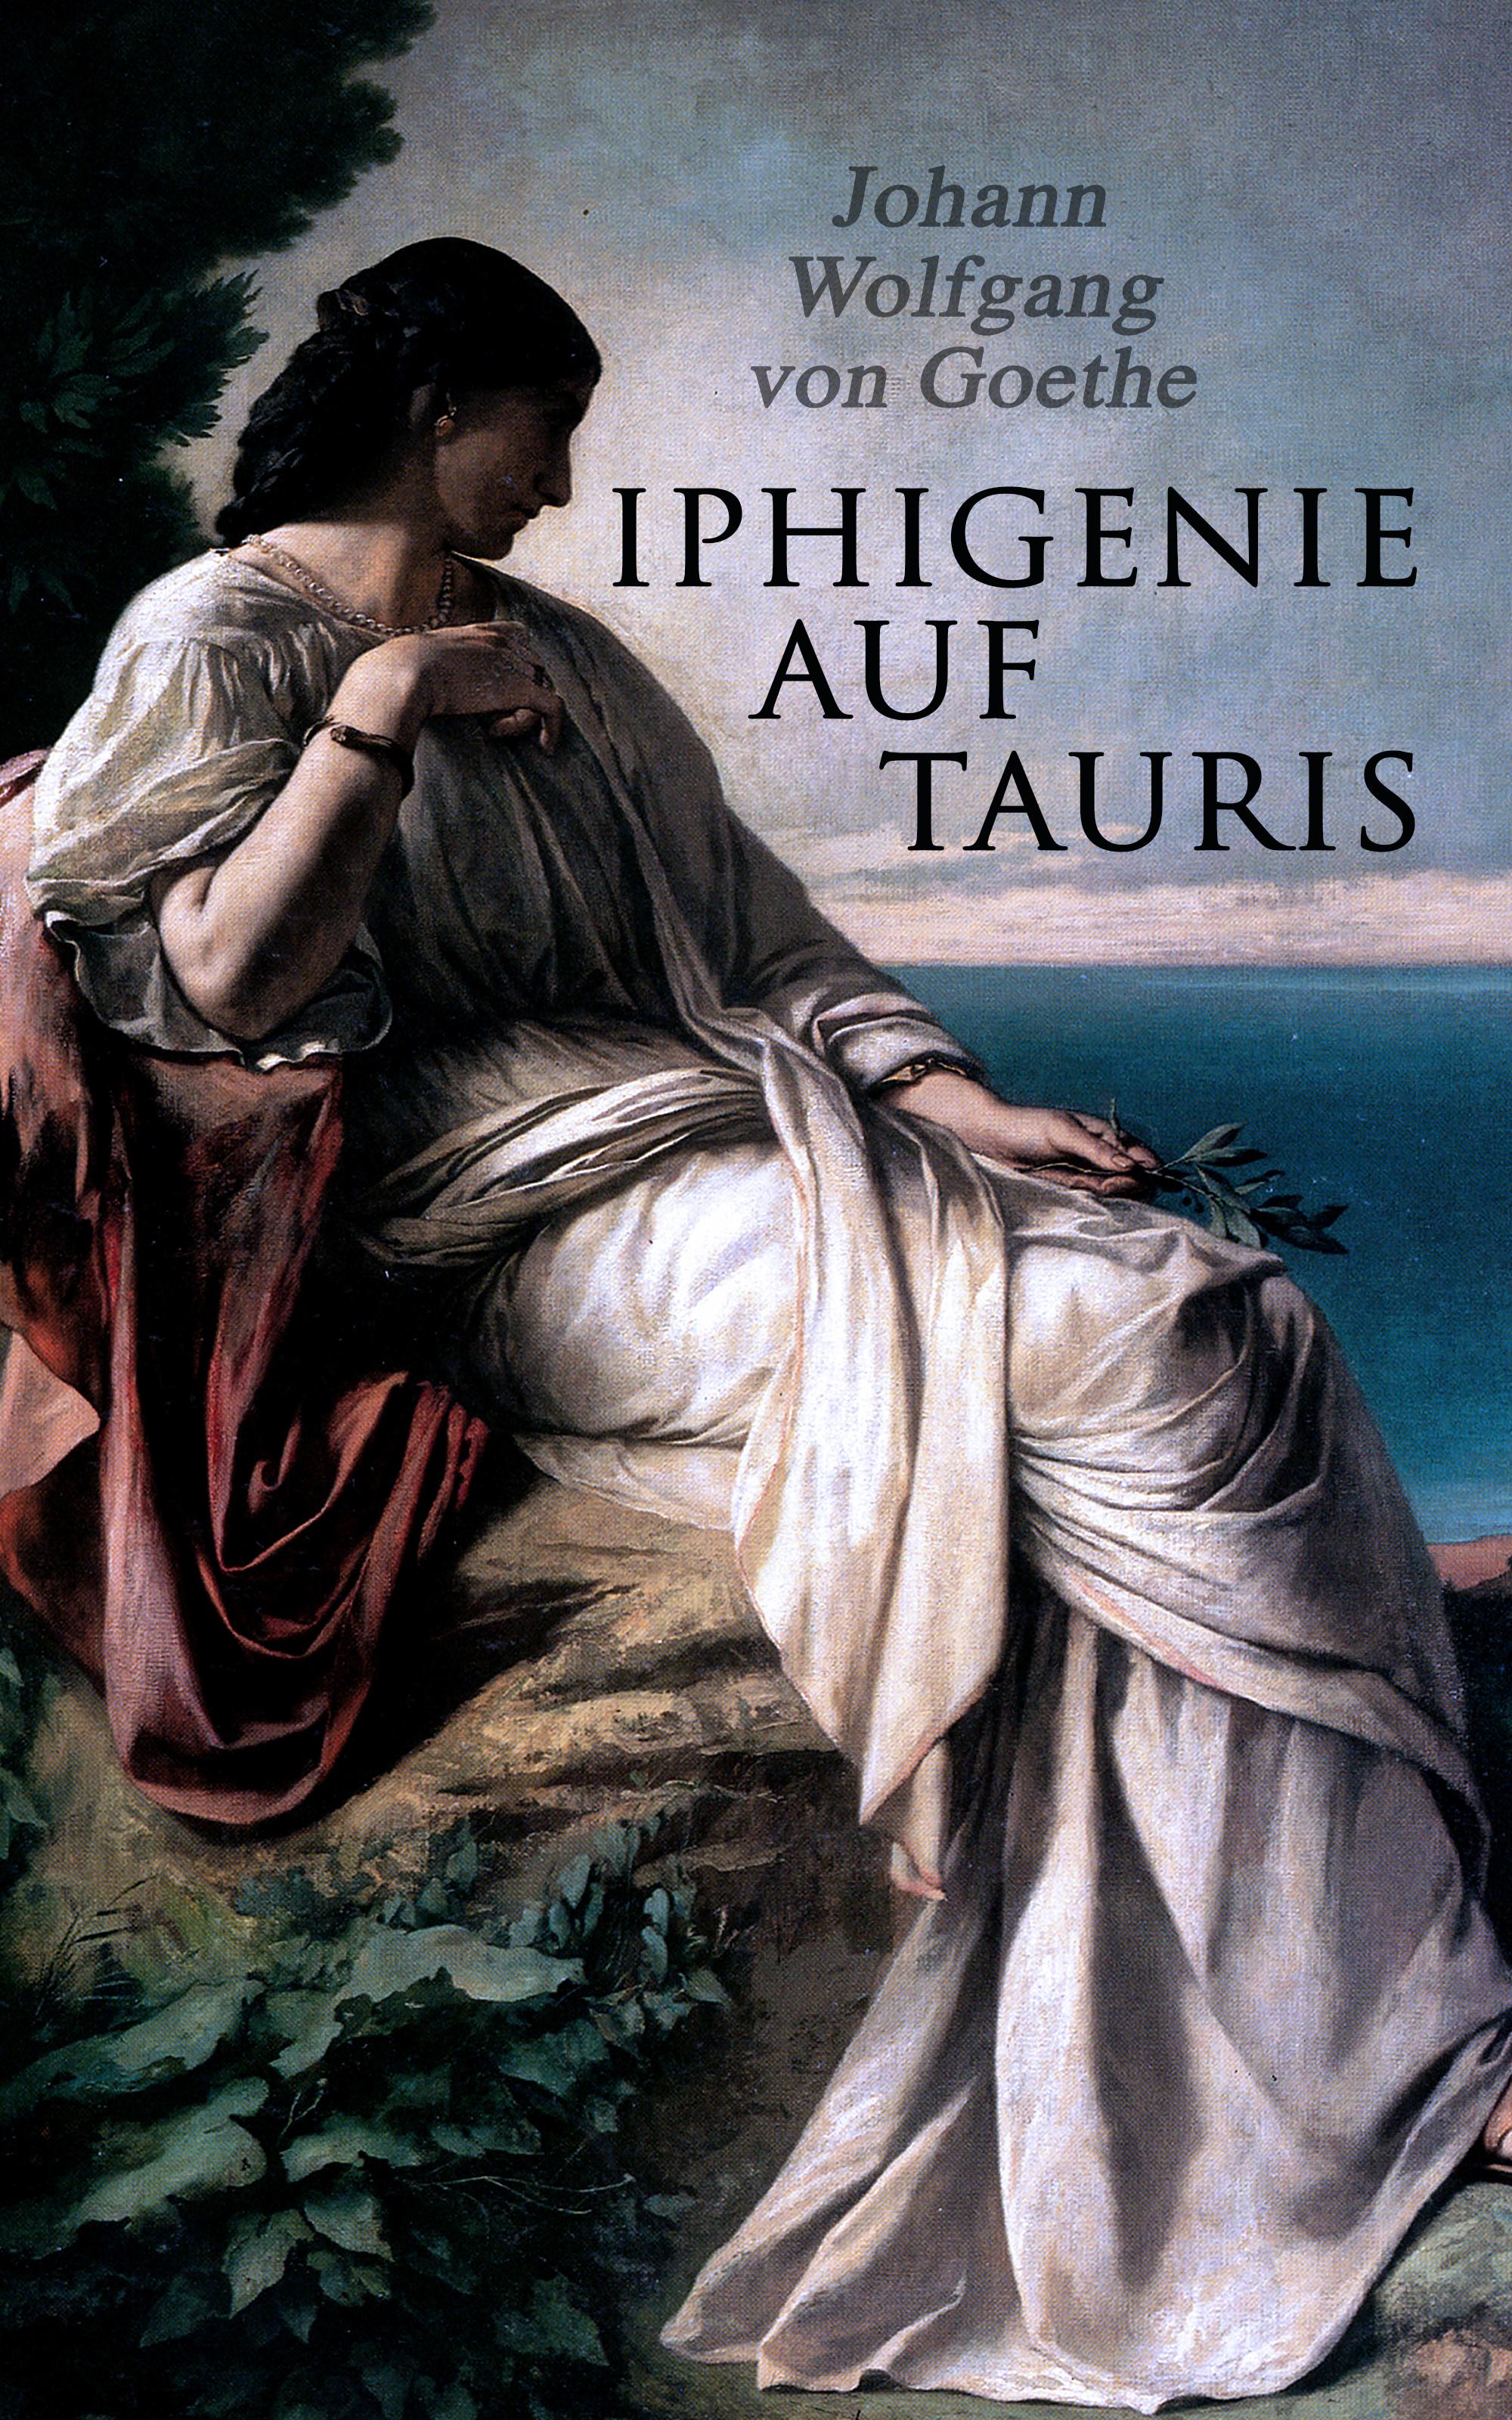 Johann Wolfgang von Goethe Iphigenie auf Tauris